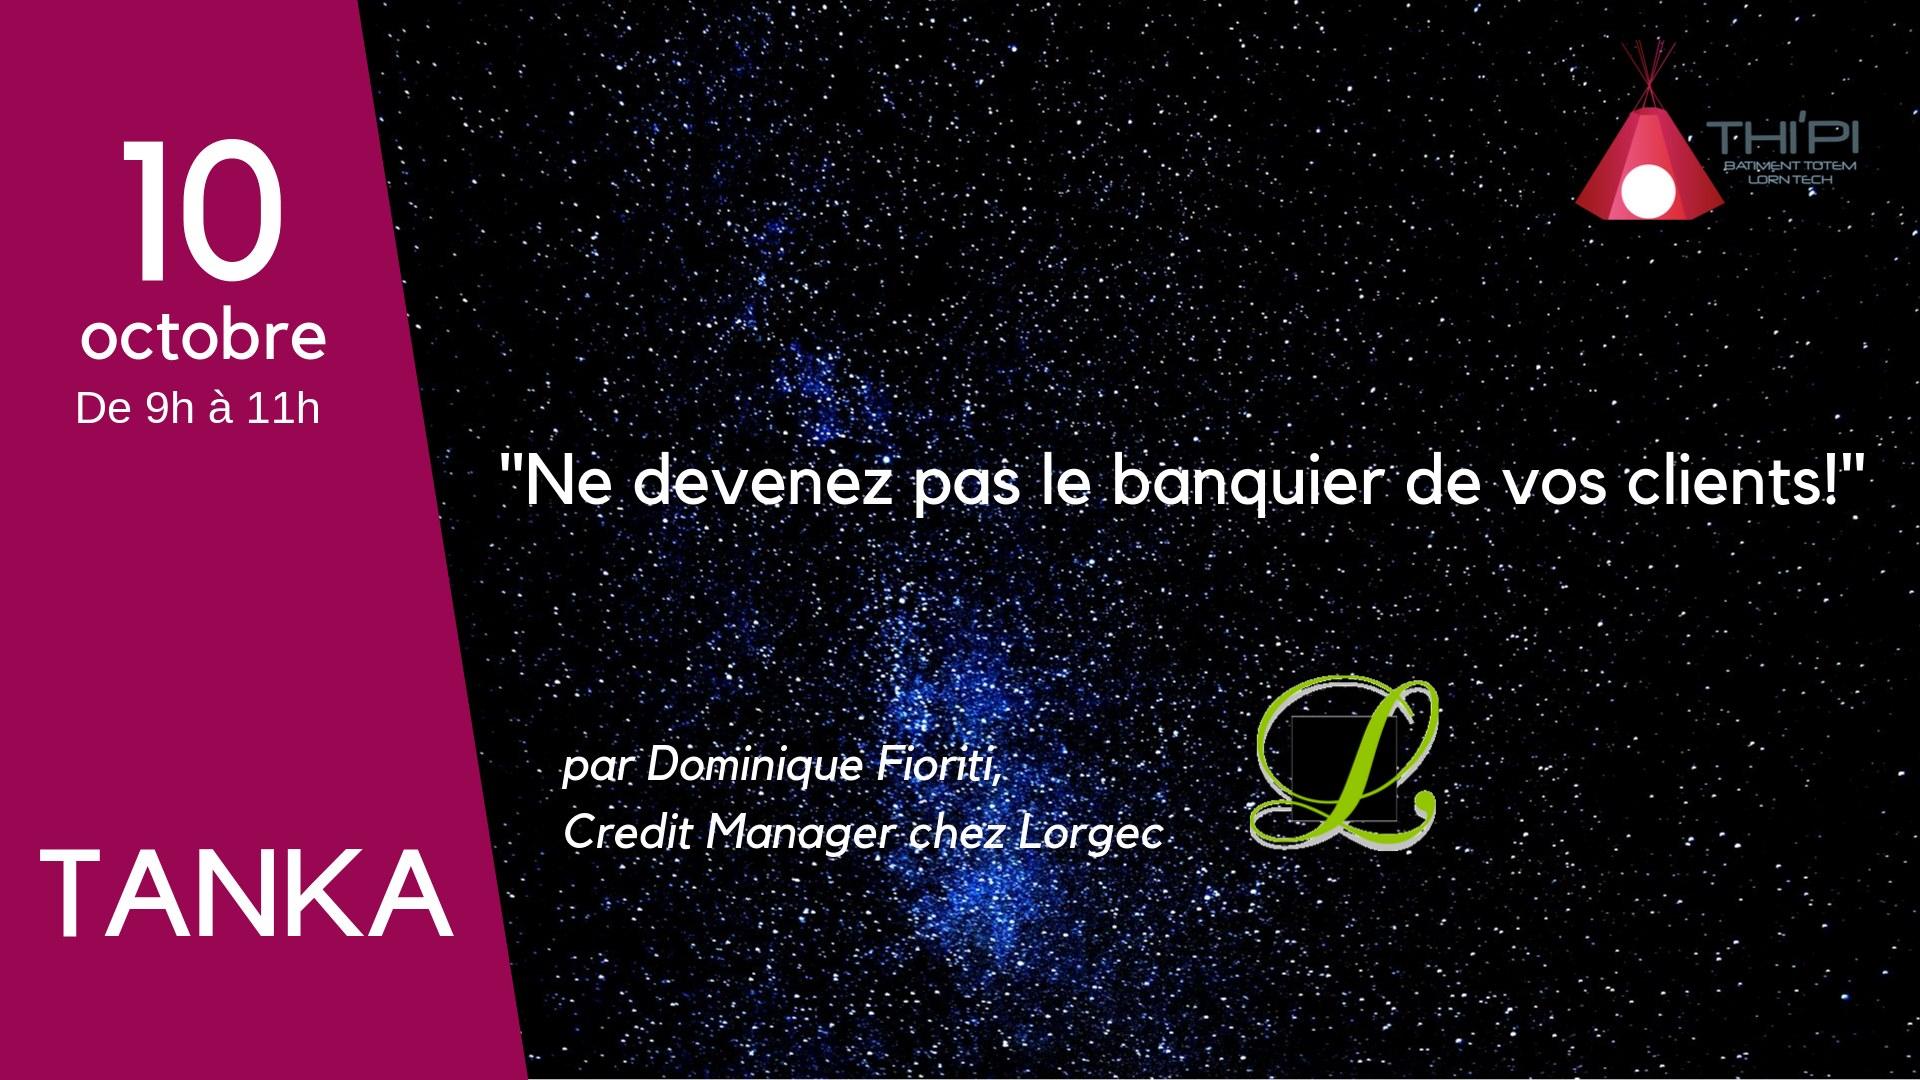 tanka ne devenez pas le banquier de vos clients